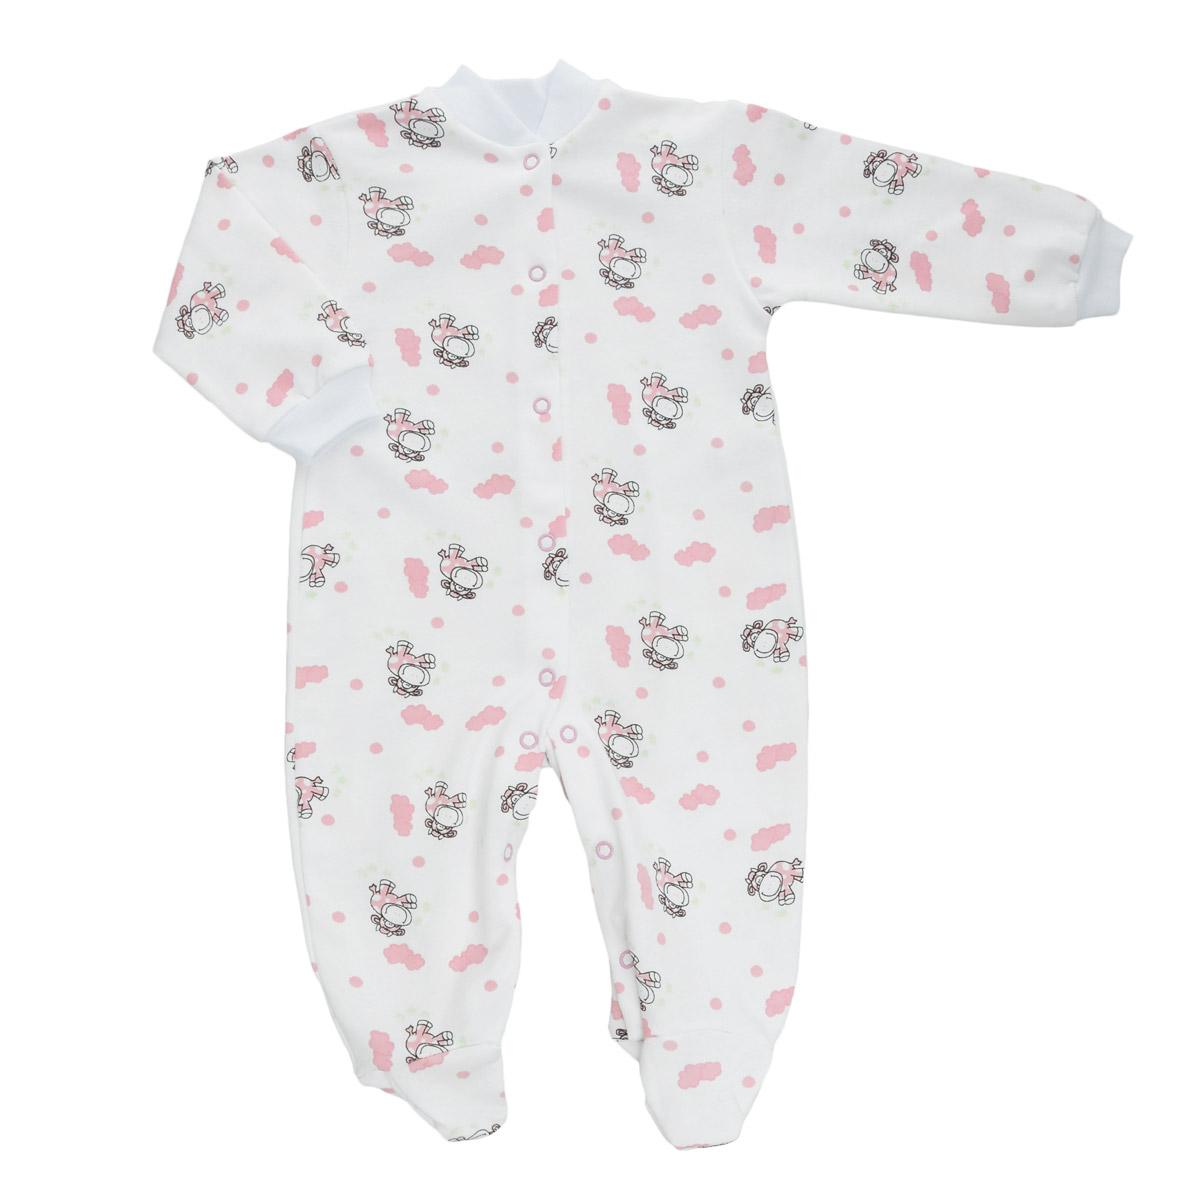 Комбинезон детский Трон-Плюс, цвет: белый, розовый, рисунок коровы. 5821. Размер 80, 12 месяцев5821Детский комбинезон Трон-Плюс - очень удобный и практичный вид одежды для малышей. Теплый комбинезон выполнен из футерованного полотна - натурального хлопка, благодаря чему он необычайно мягкий и приятный на ощупь, не раздражает нежную кожу ребенка, и хорошо вентилируются, а эластичные швы приятны телу малыша и не препятствуют его движениям. Комбинезон с длинными рукавами и закрытыми ножками имеет застежки-кнопки от горловины до щиколоток, которые помогают легко переодеть младенца или сменить подгузник. Рукава понизу дополнены неширокими трикотажными манжетами, мягко облегающими запястья. Вырез горловины дополнен мягкой трикотажной резинкой. Оформлен комбинезон оригинальным принтом. С детским комбинезоном спинка и ножки вашего малыша всегда будут в тепле, он идеален для использования днем и незаменим ночью. Комбинезон полностью соответствует особенностям жизни младенца в ранний период, не стесняя и не ограничивая его в движениях!